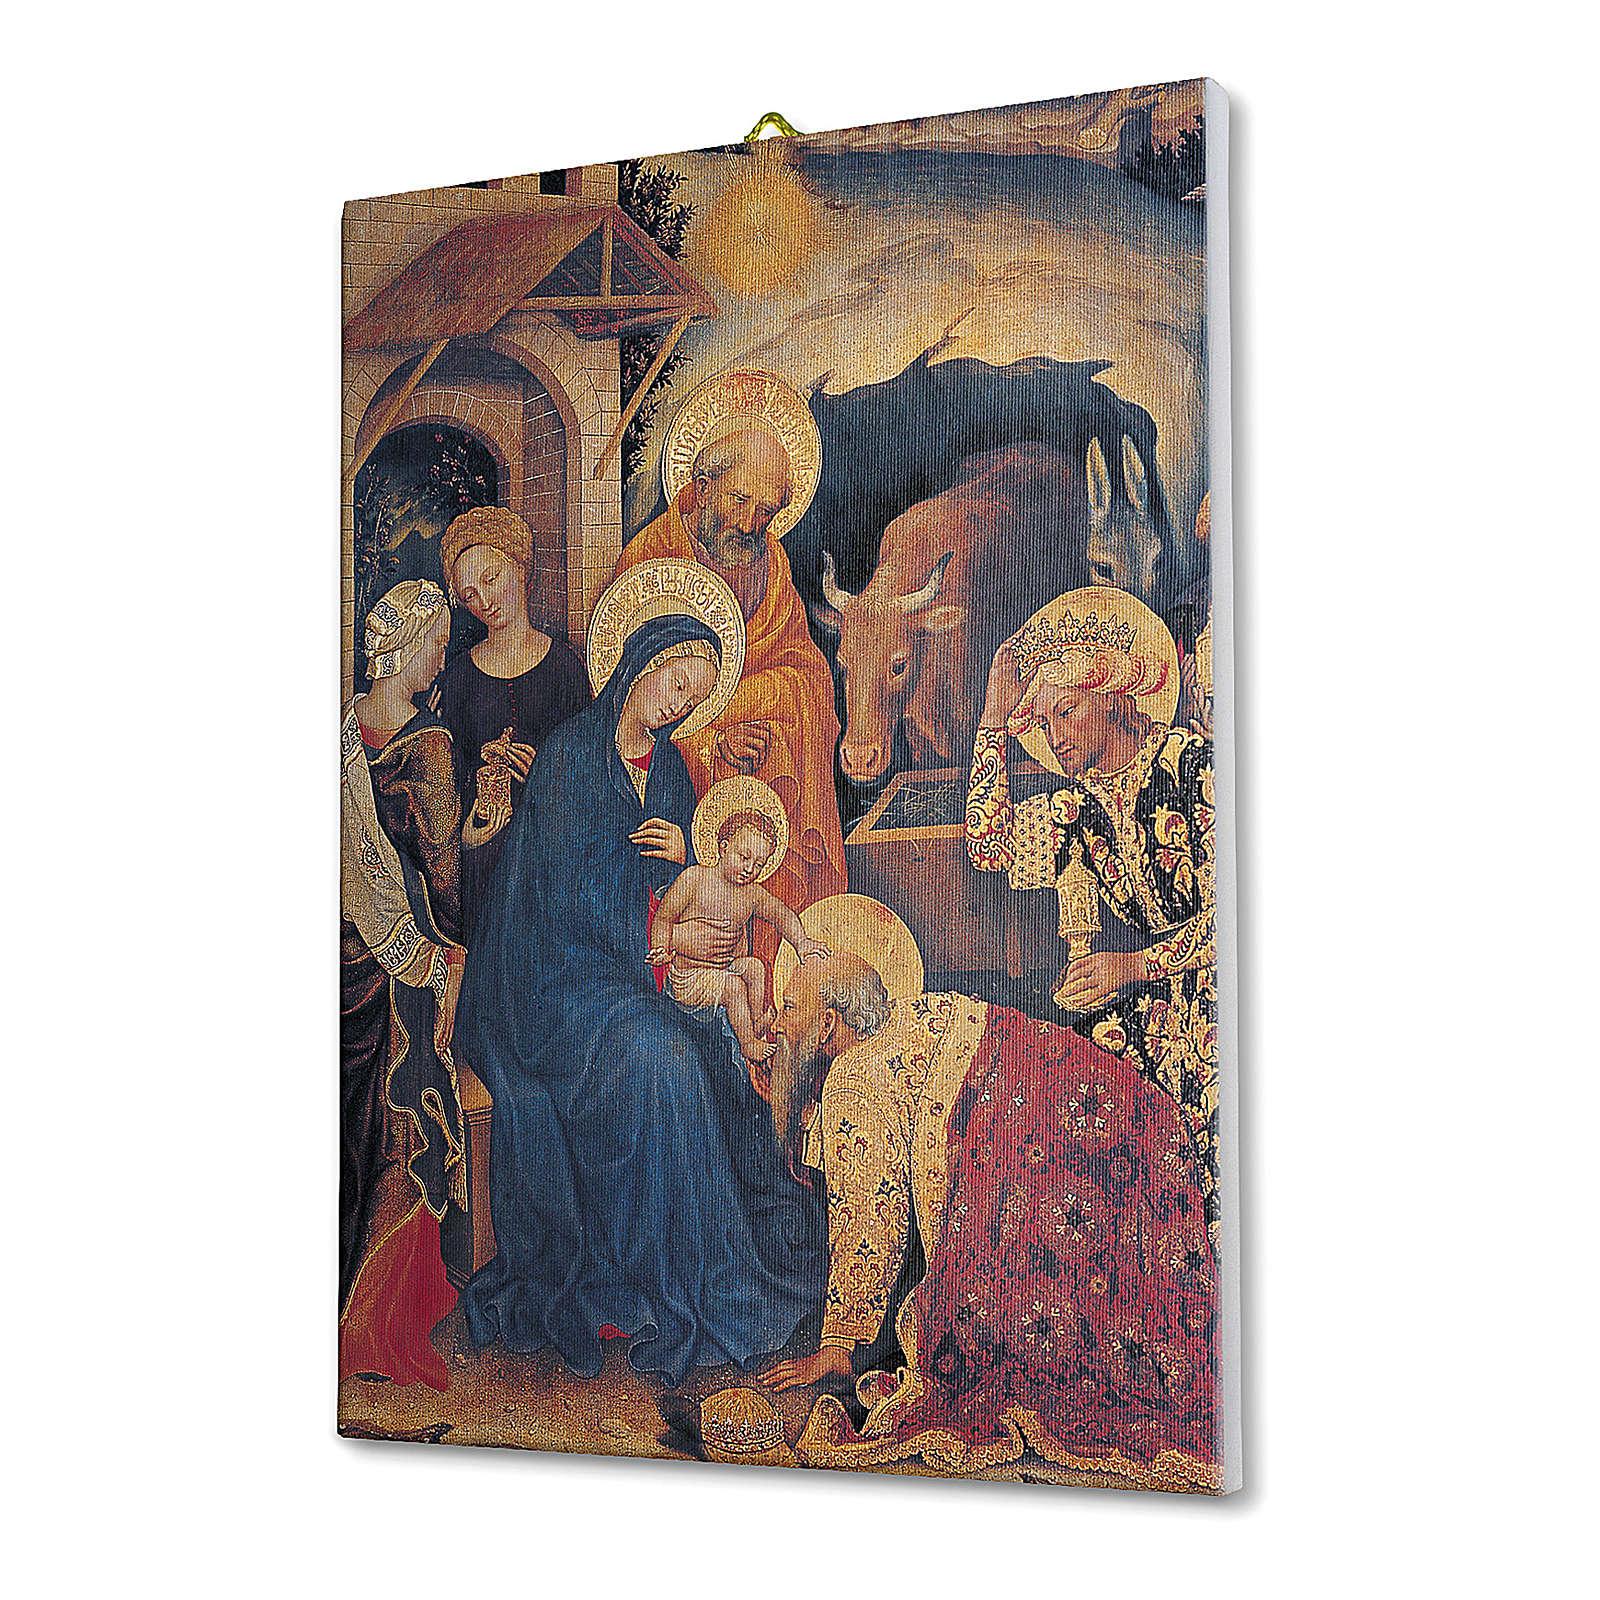 Quadro su tela pittorica Adorazione Magi di Gentile Fabriano 25x20 cm 3